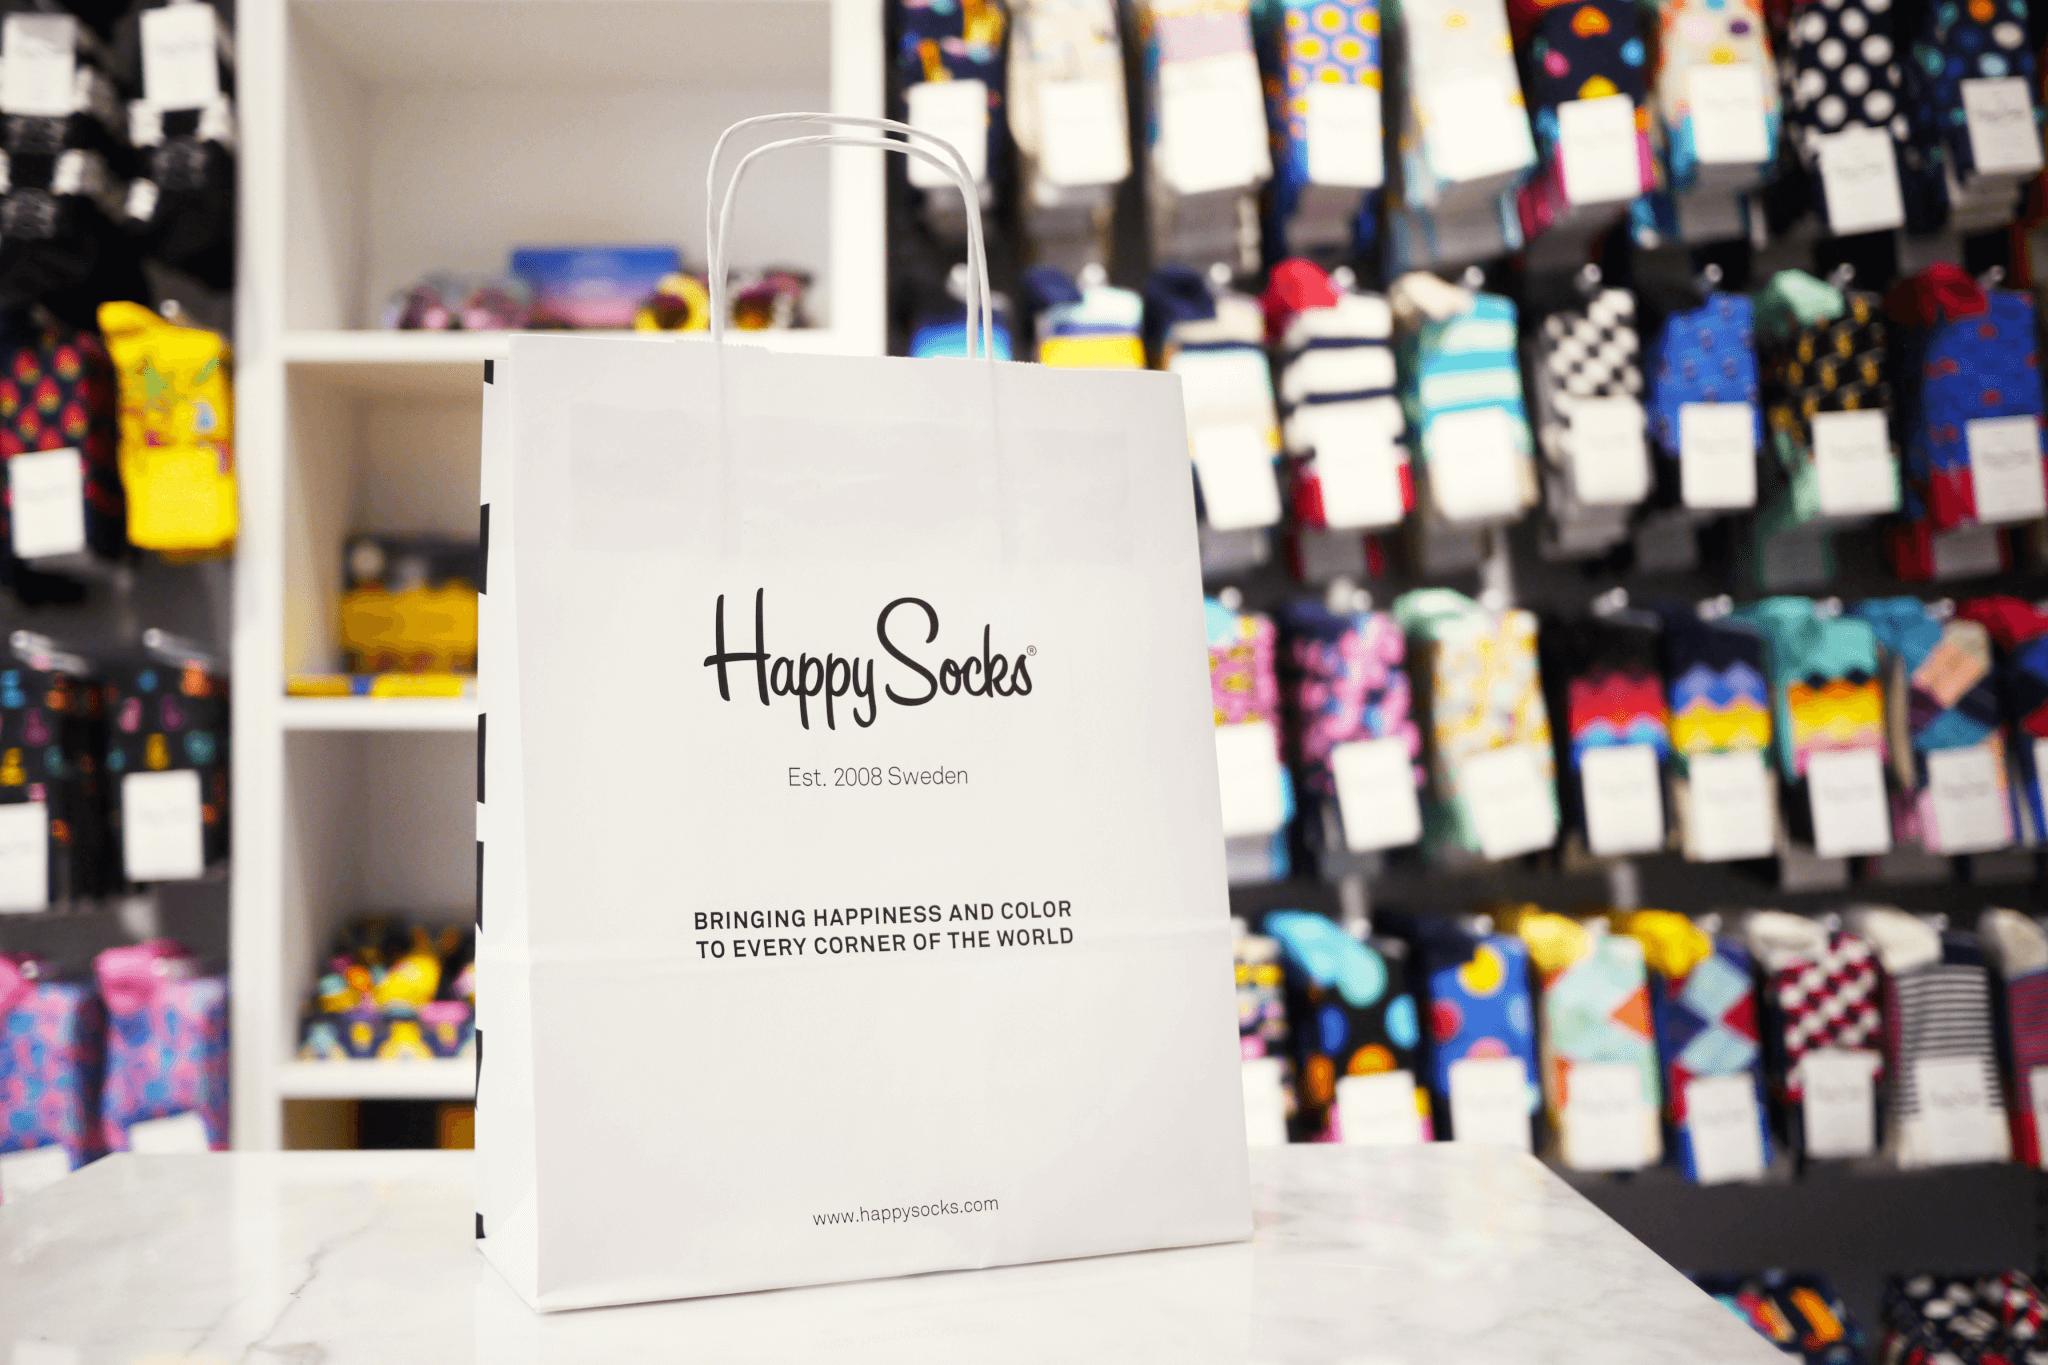 la marca happy socks utiliza el packvertising como estrategia publicitaria